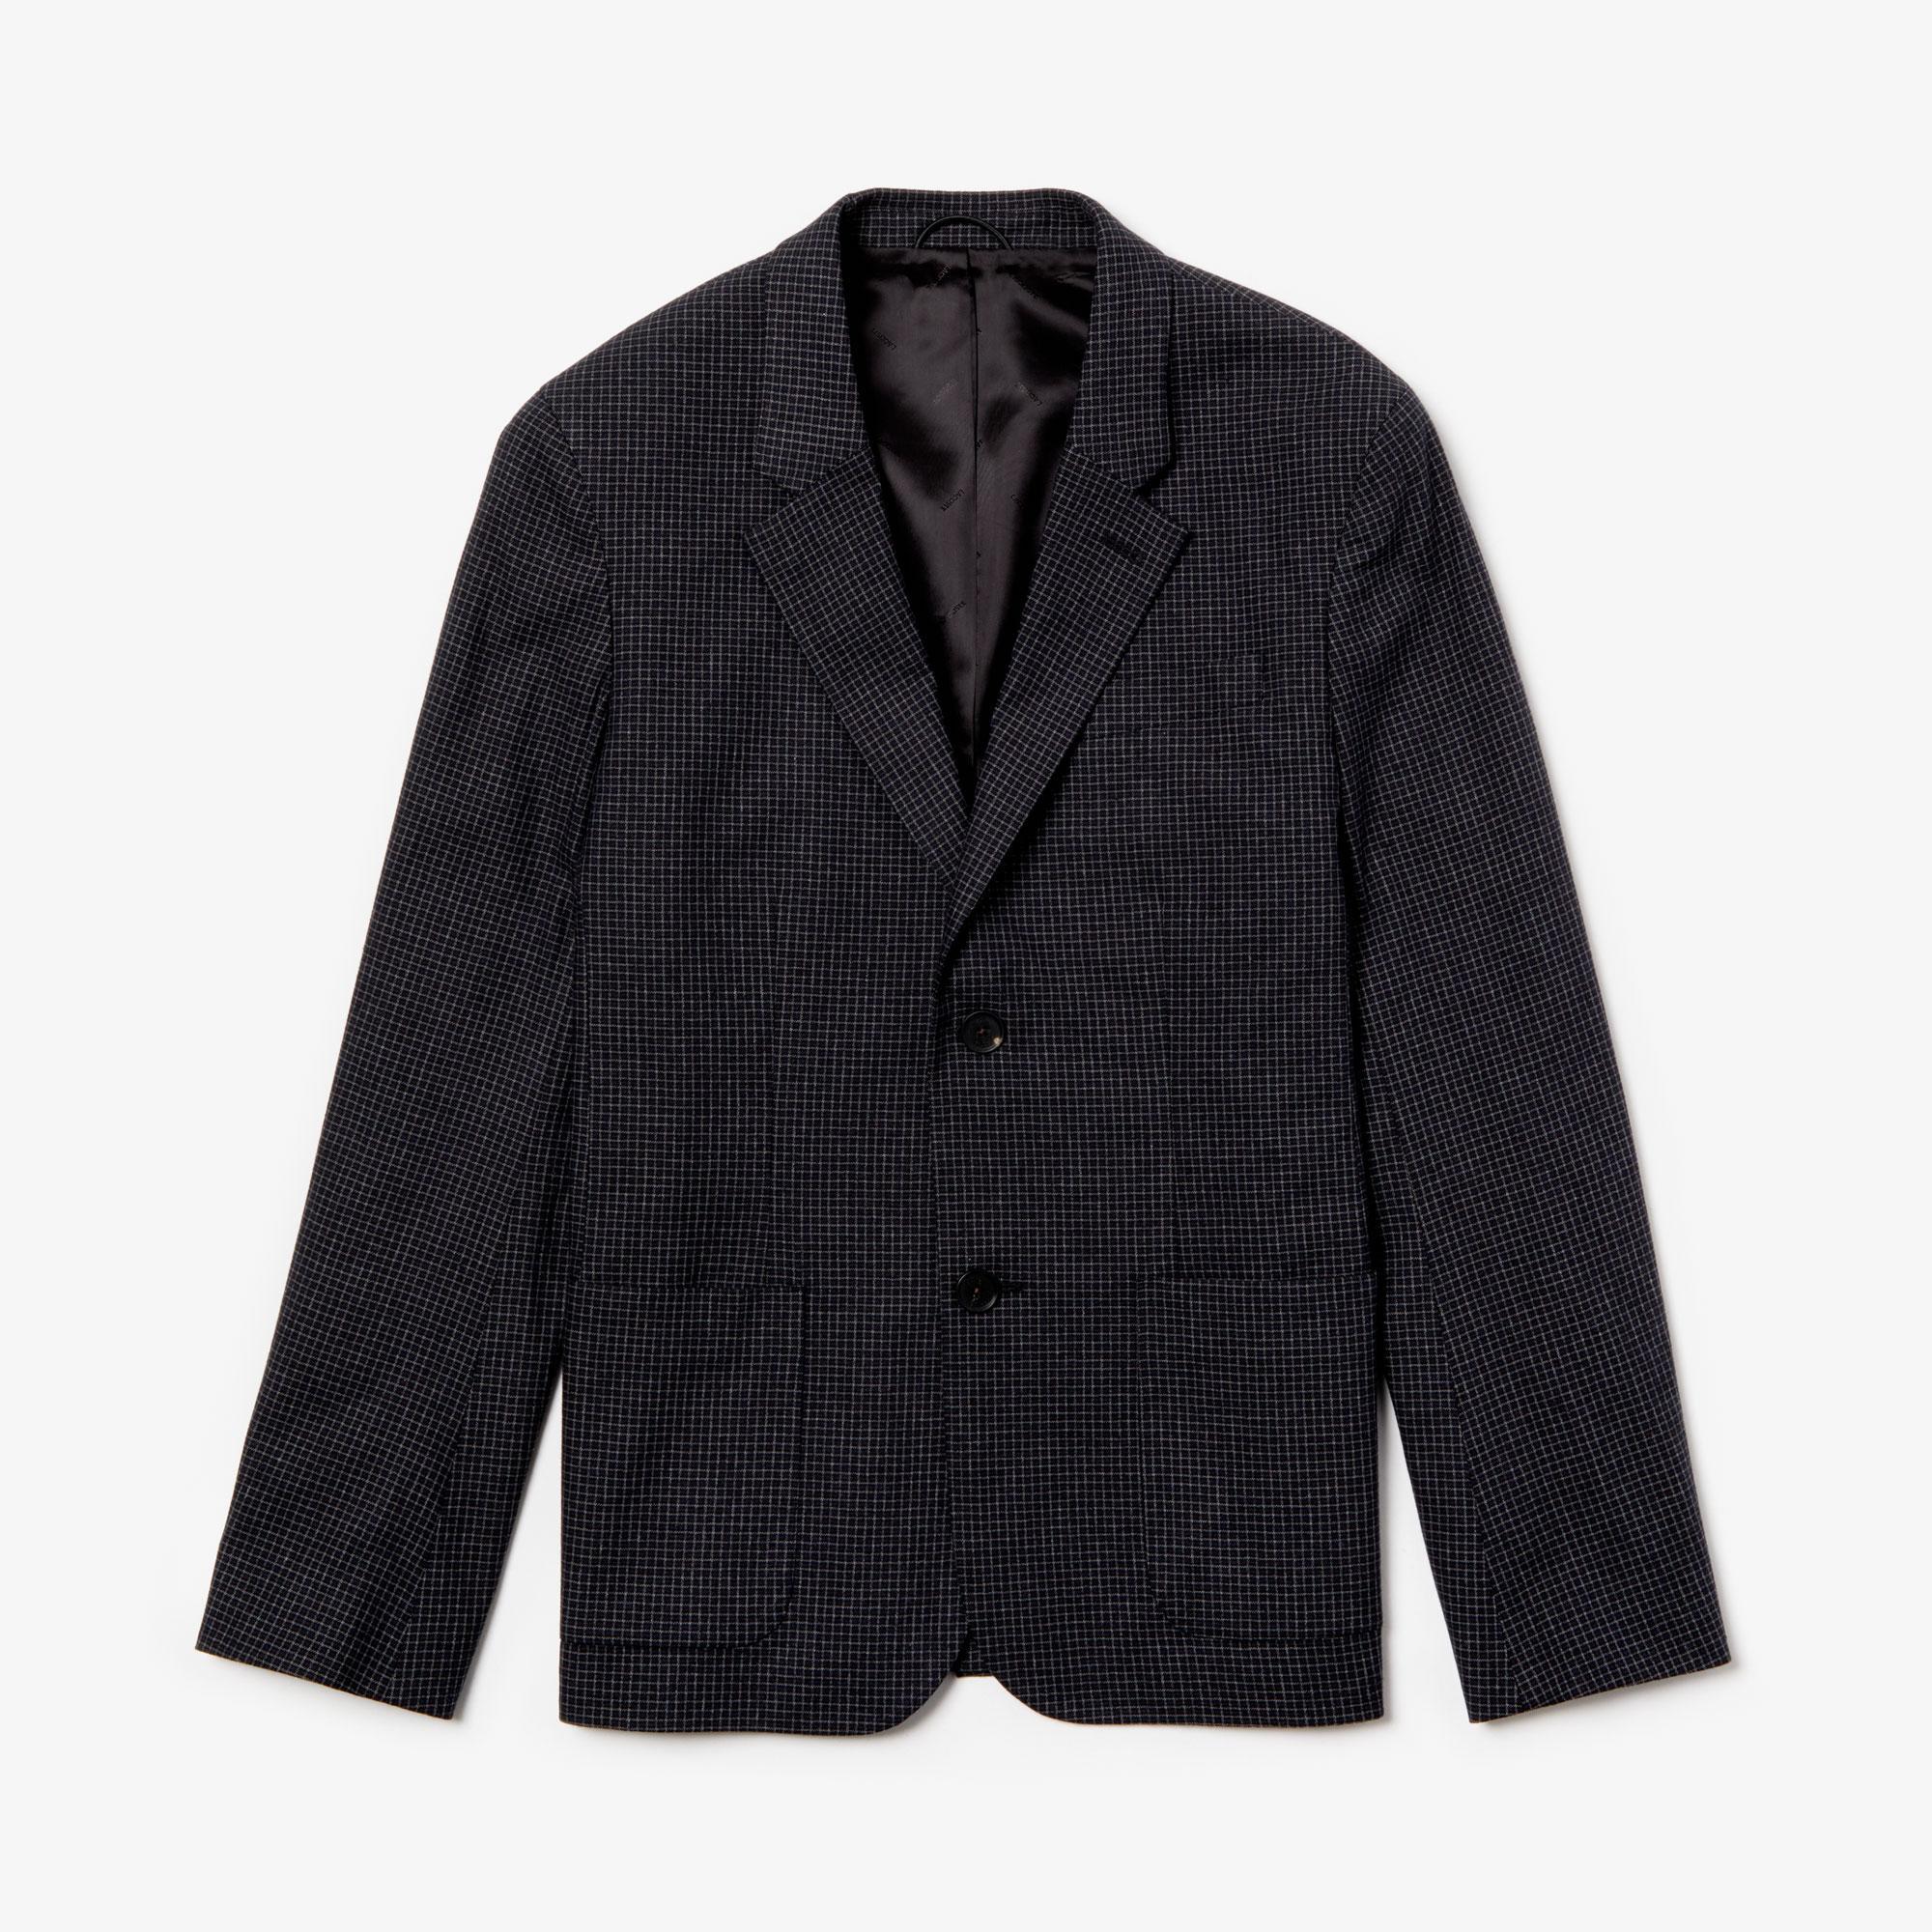 Lacoste Erkek Siyah Ekoseli Slim Fit Uzun Kollu Blazer Ceket